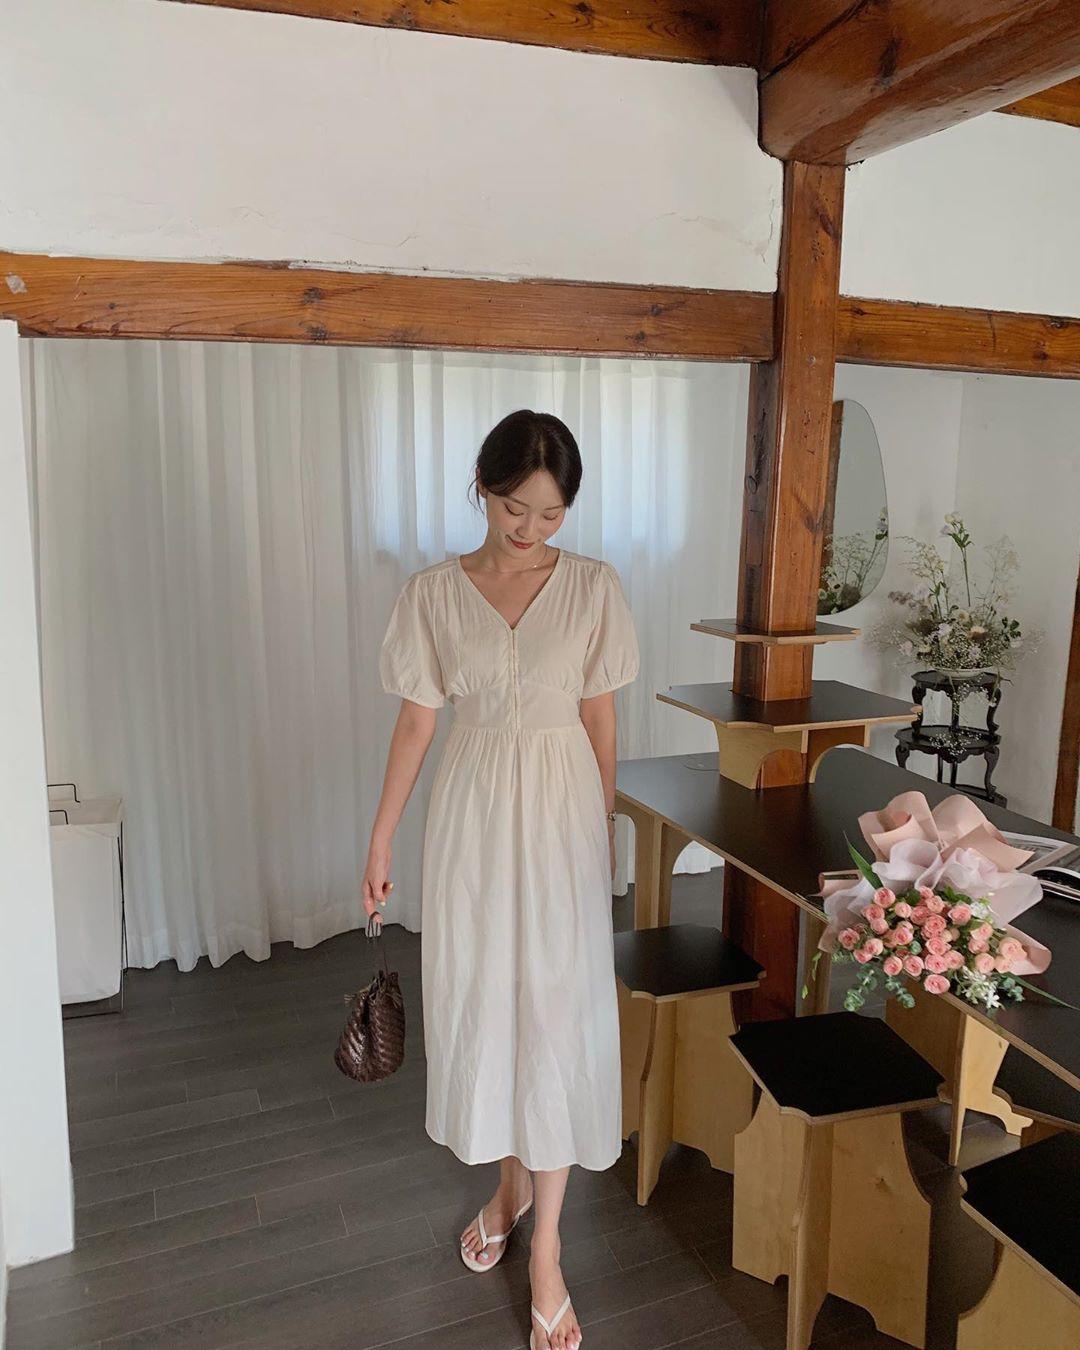 Sáng suốt nhất là tậu hết 5 mẫu váy hot trường tồn với thời gian sau đây, mặc chỉ xịn đẹp trở lên chứ không kém - Ảnh 13.